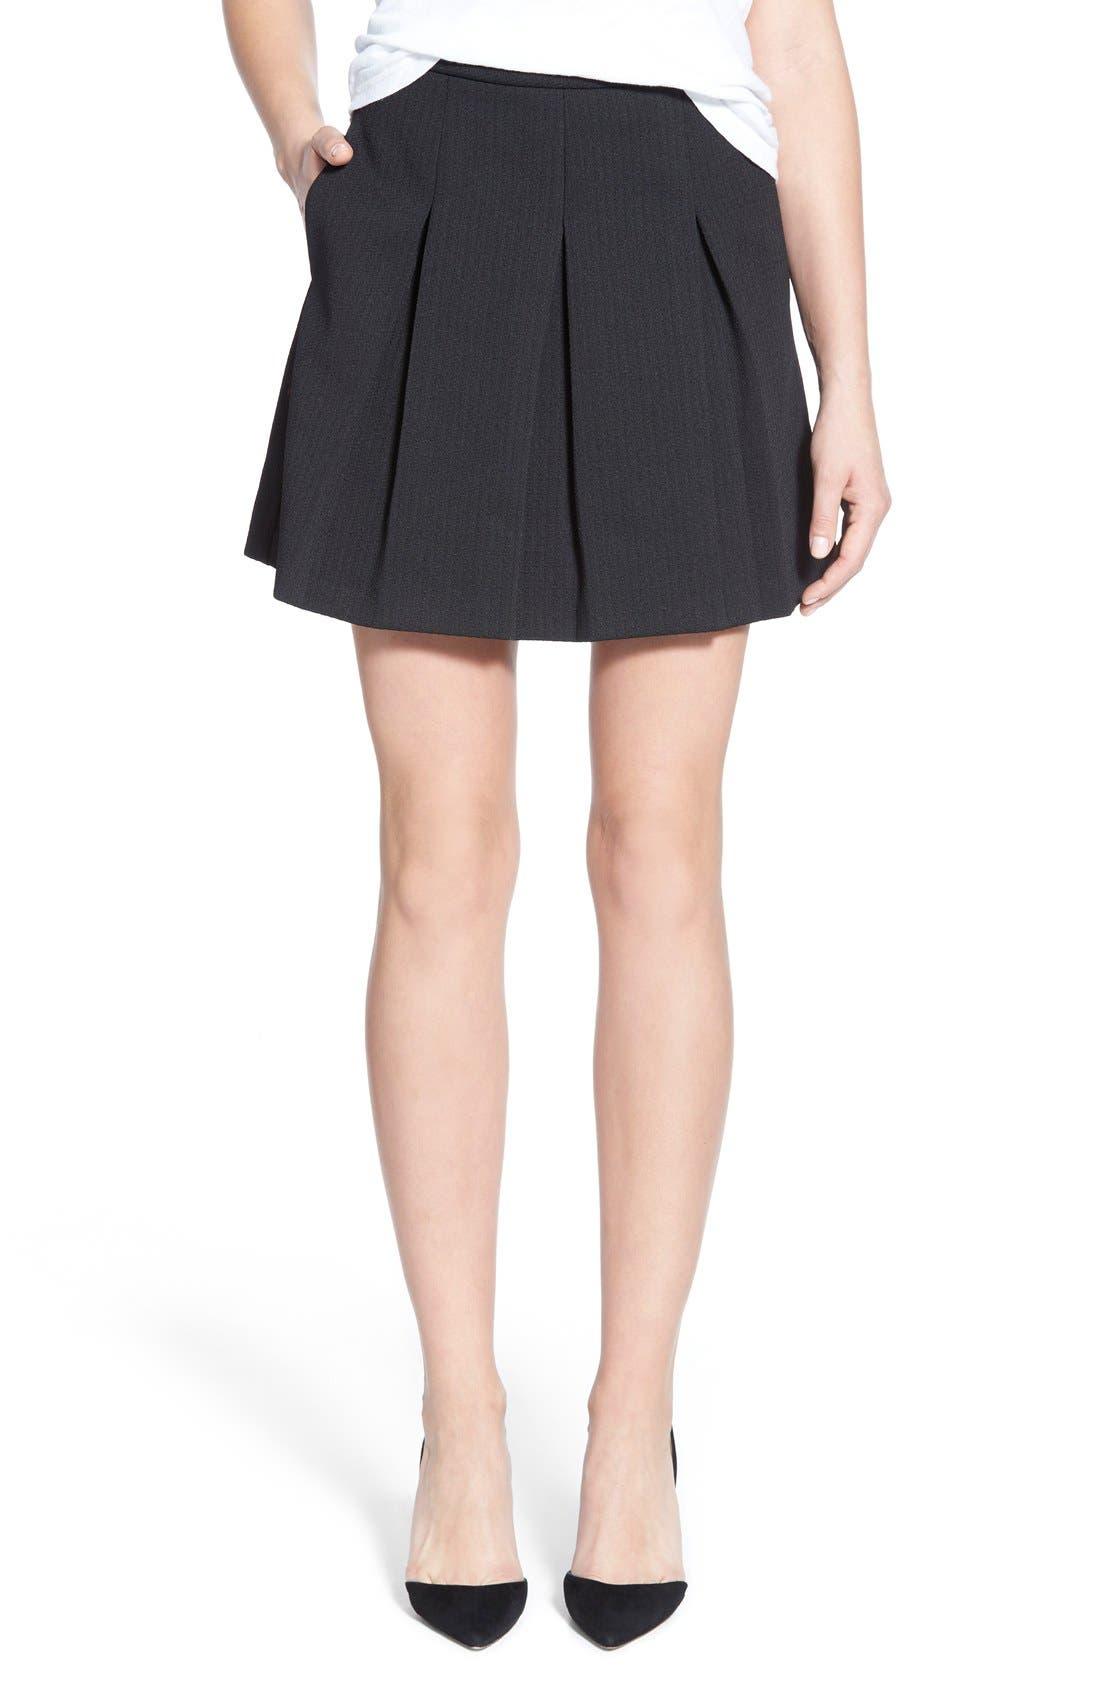 Alternate Image 1 Selected - Madewell Jacquard Pleat Skirt